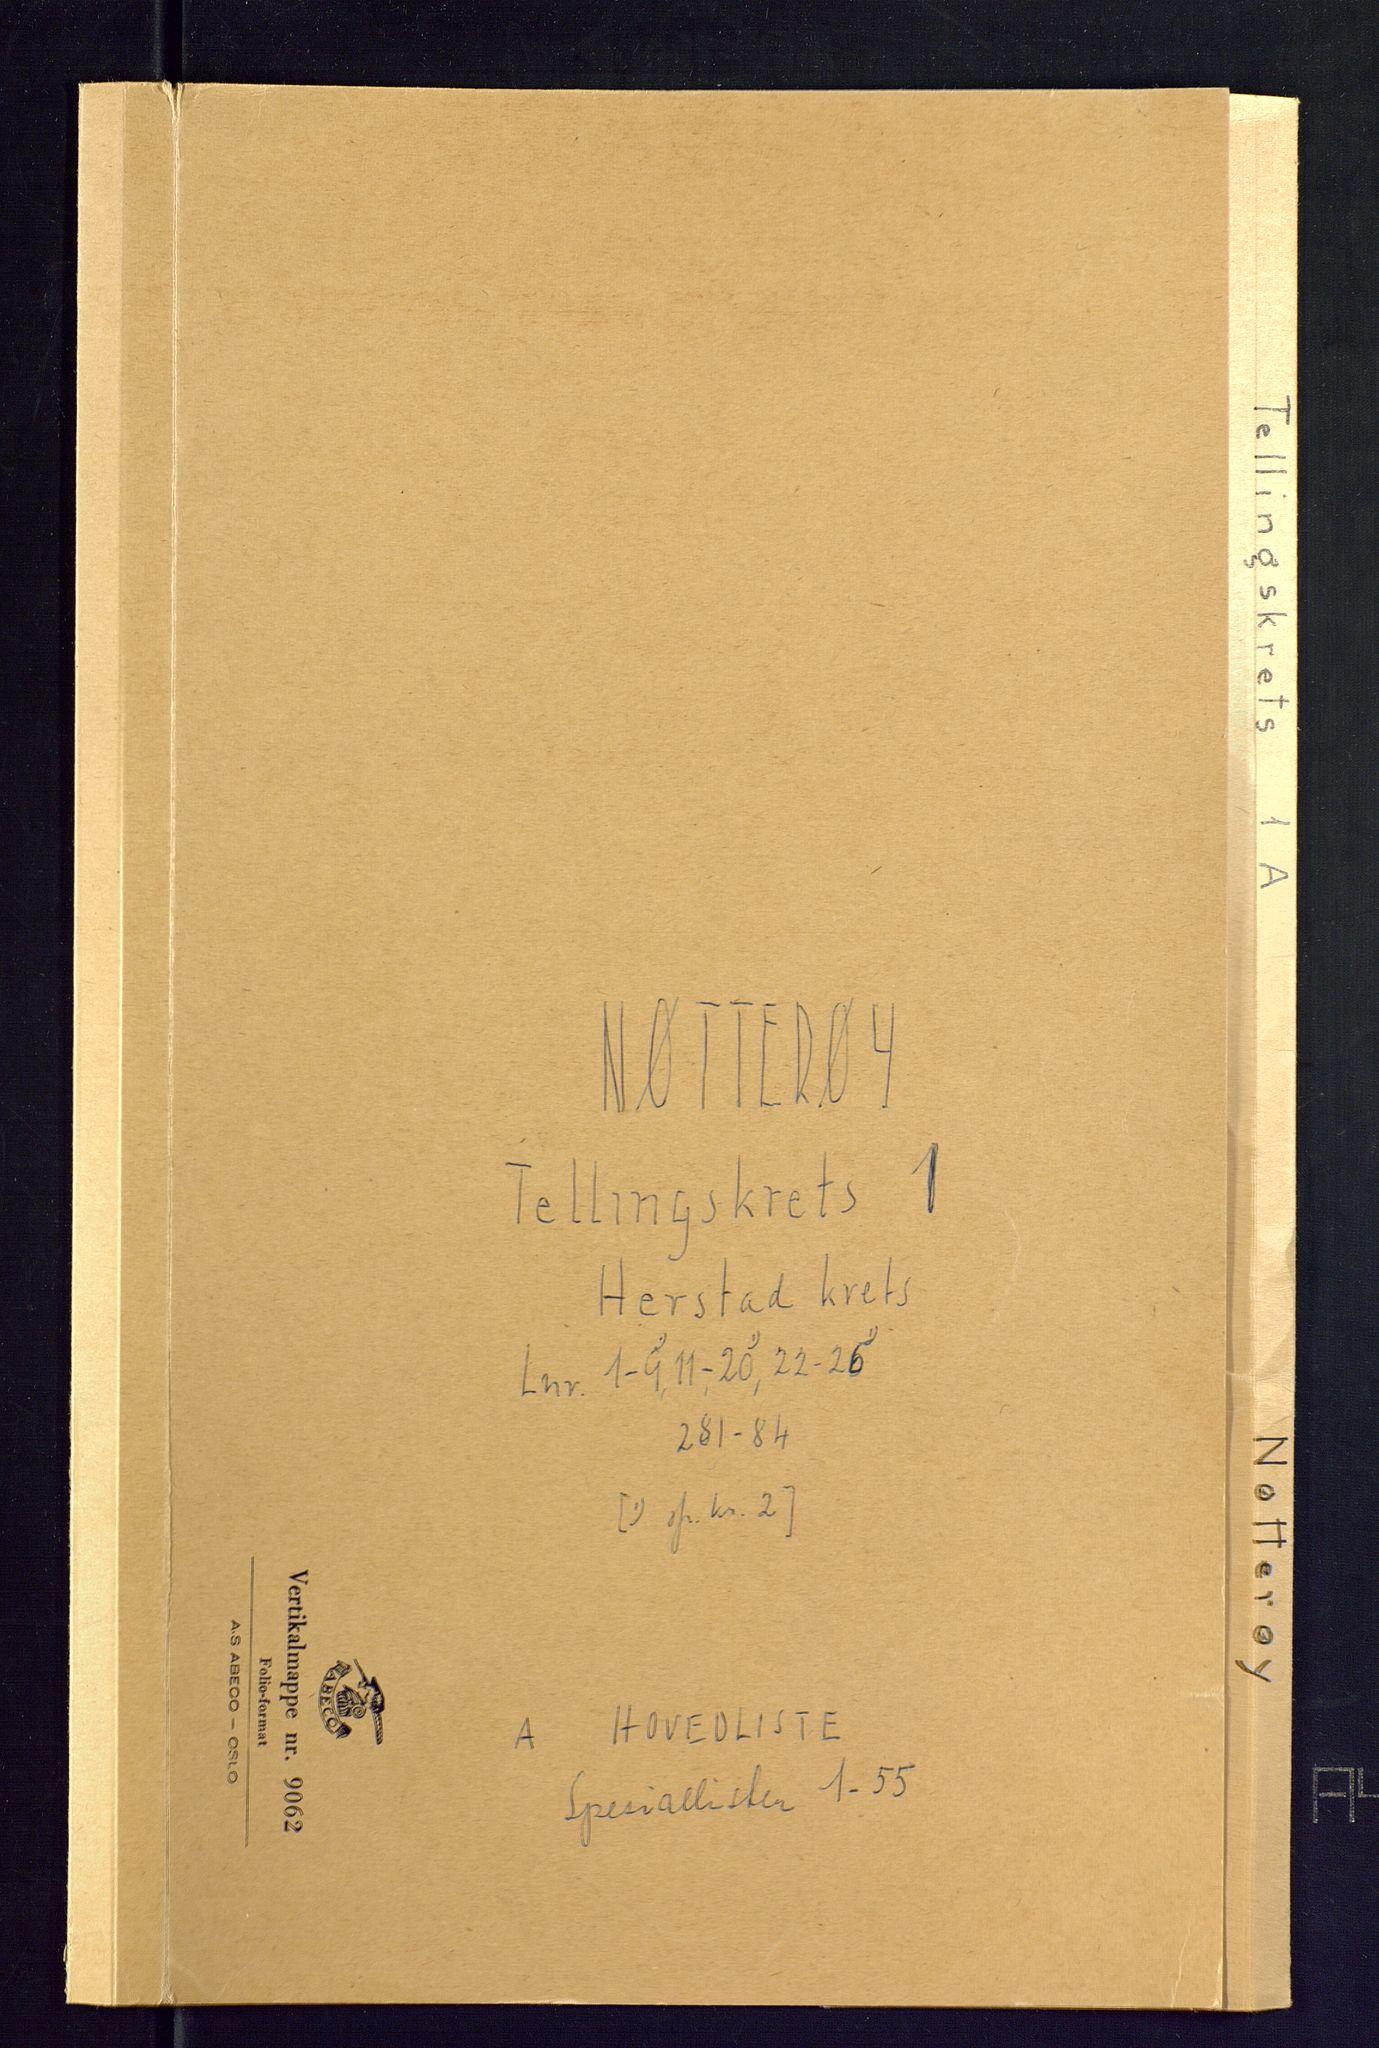 SAKO, Folketelling 1875 for 0722P Nøtterøy prestegjeld, 1875, s. 1